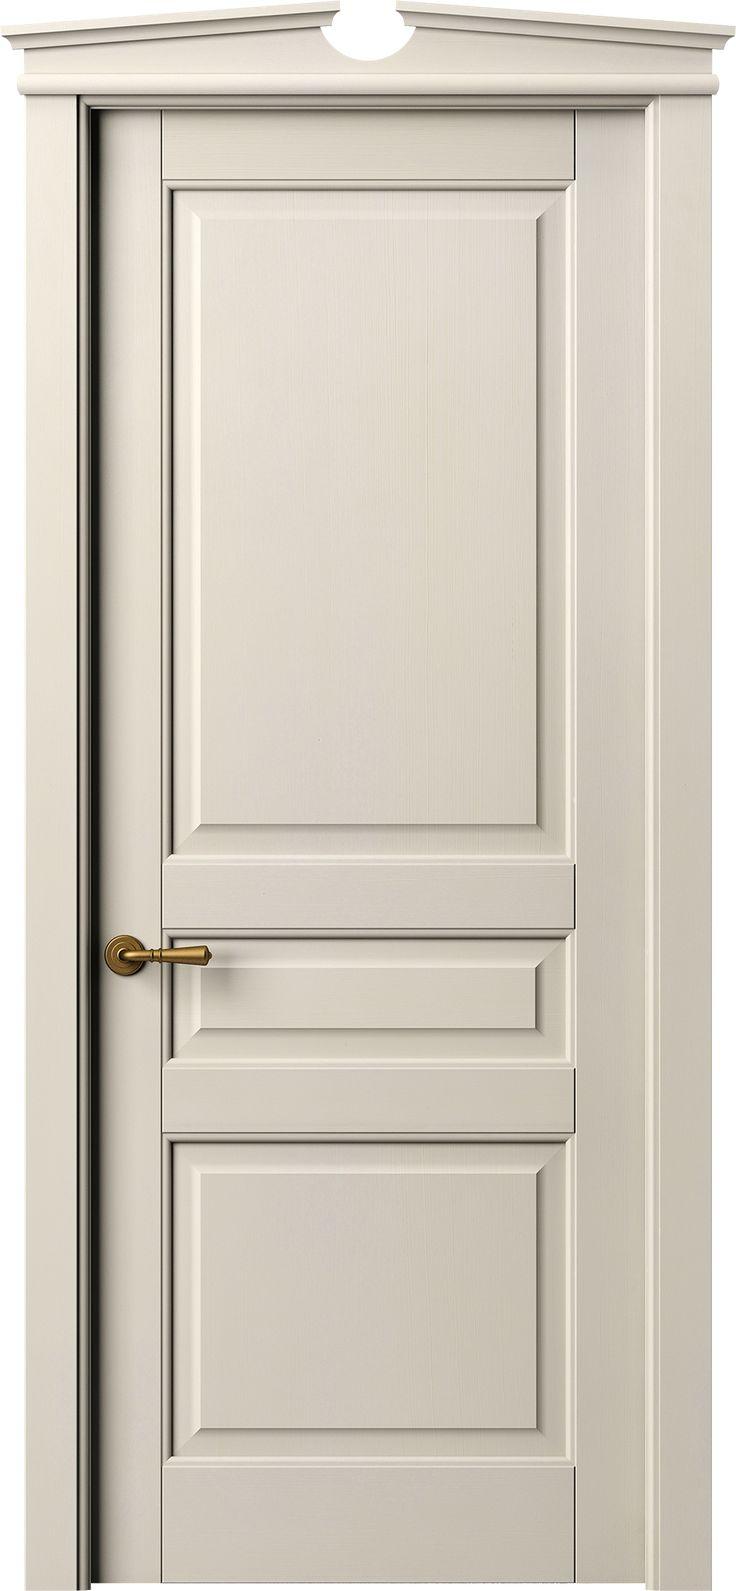 Межкомнатные двери Toscana Plano. Новинка! Направление Массив На нашем сайте Вы сами сможете выбрать материал цвет и фурнитуру двери, которые станут украшением любого интерьера.